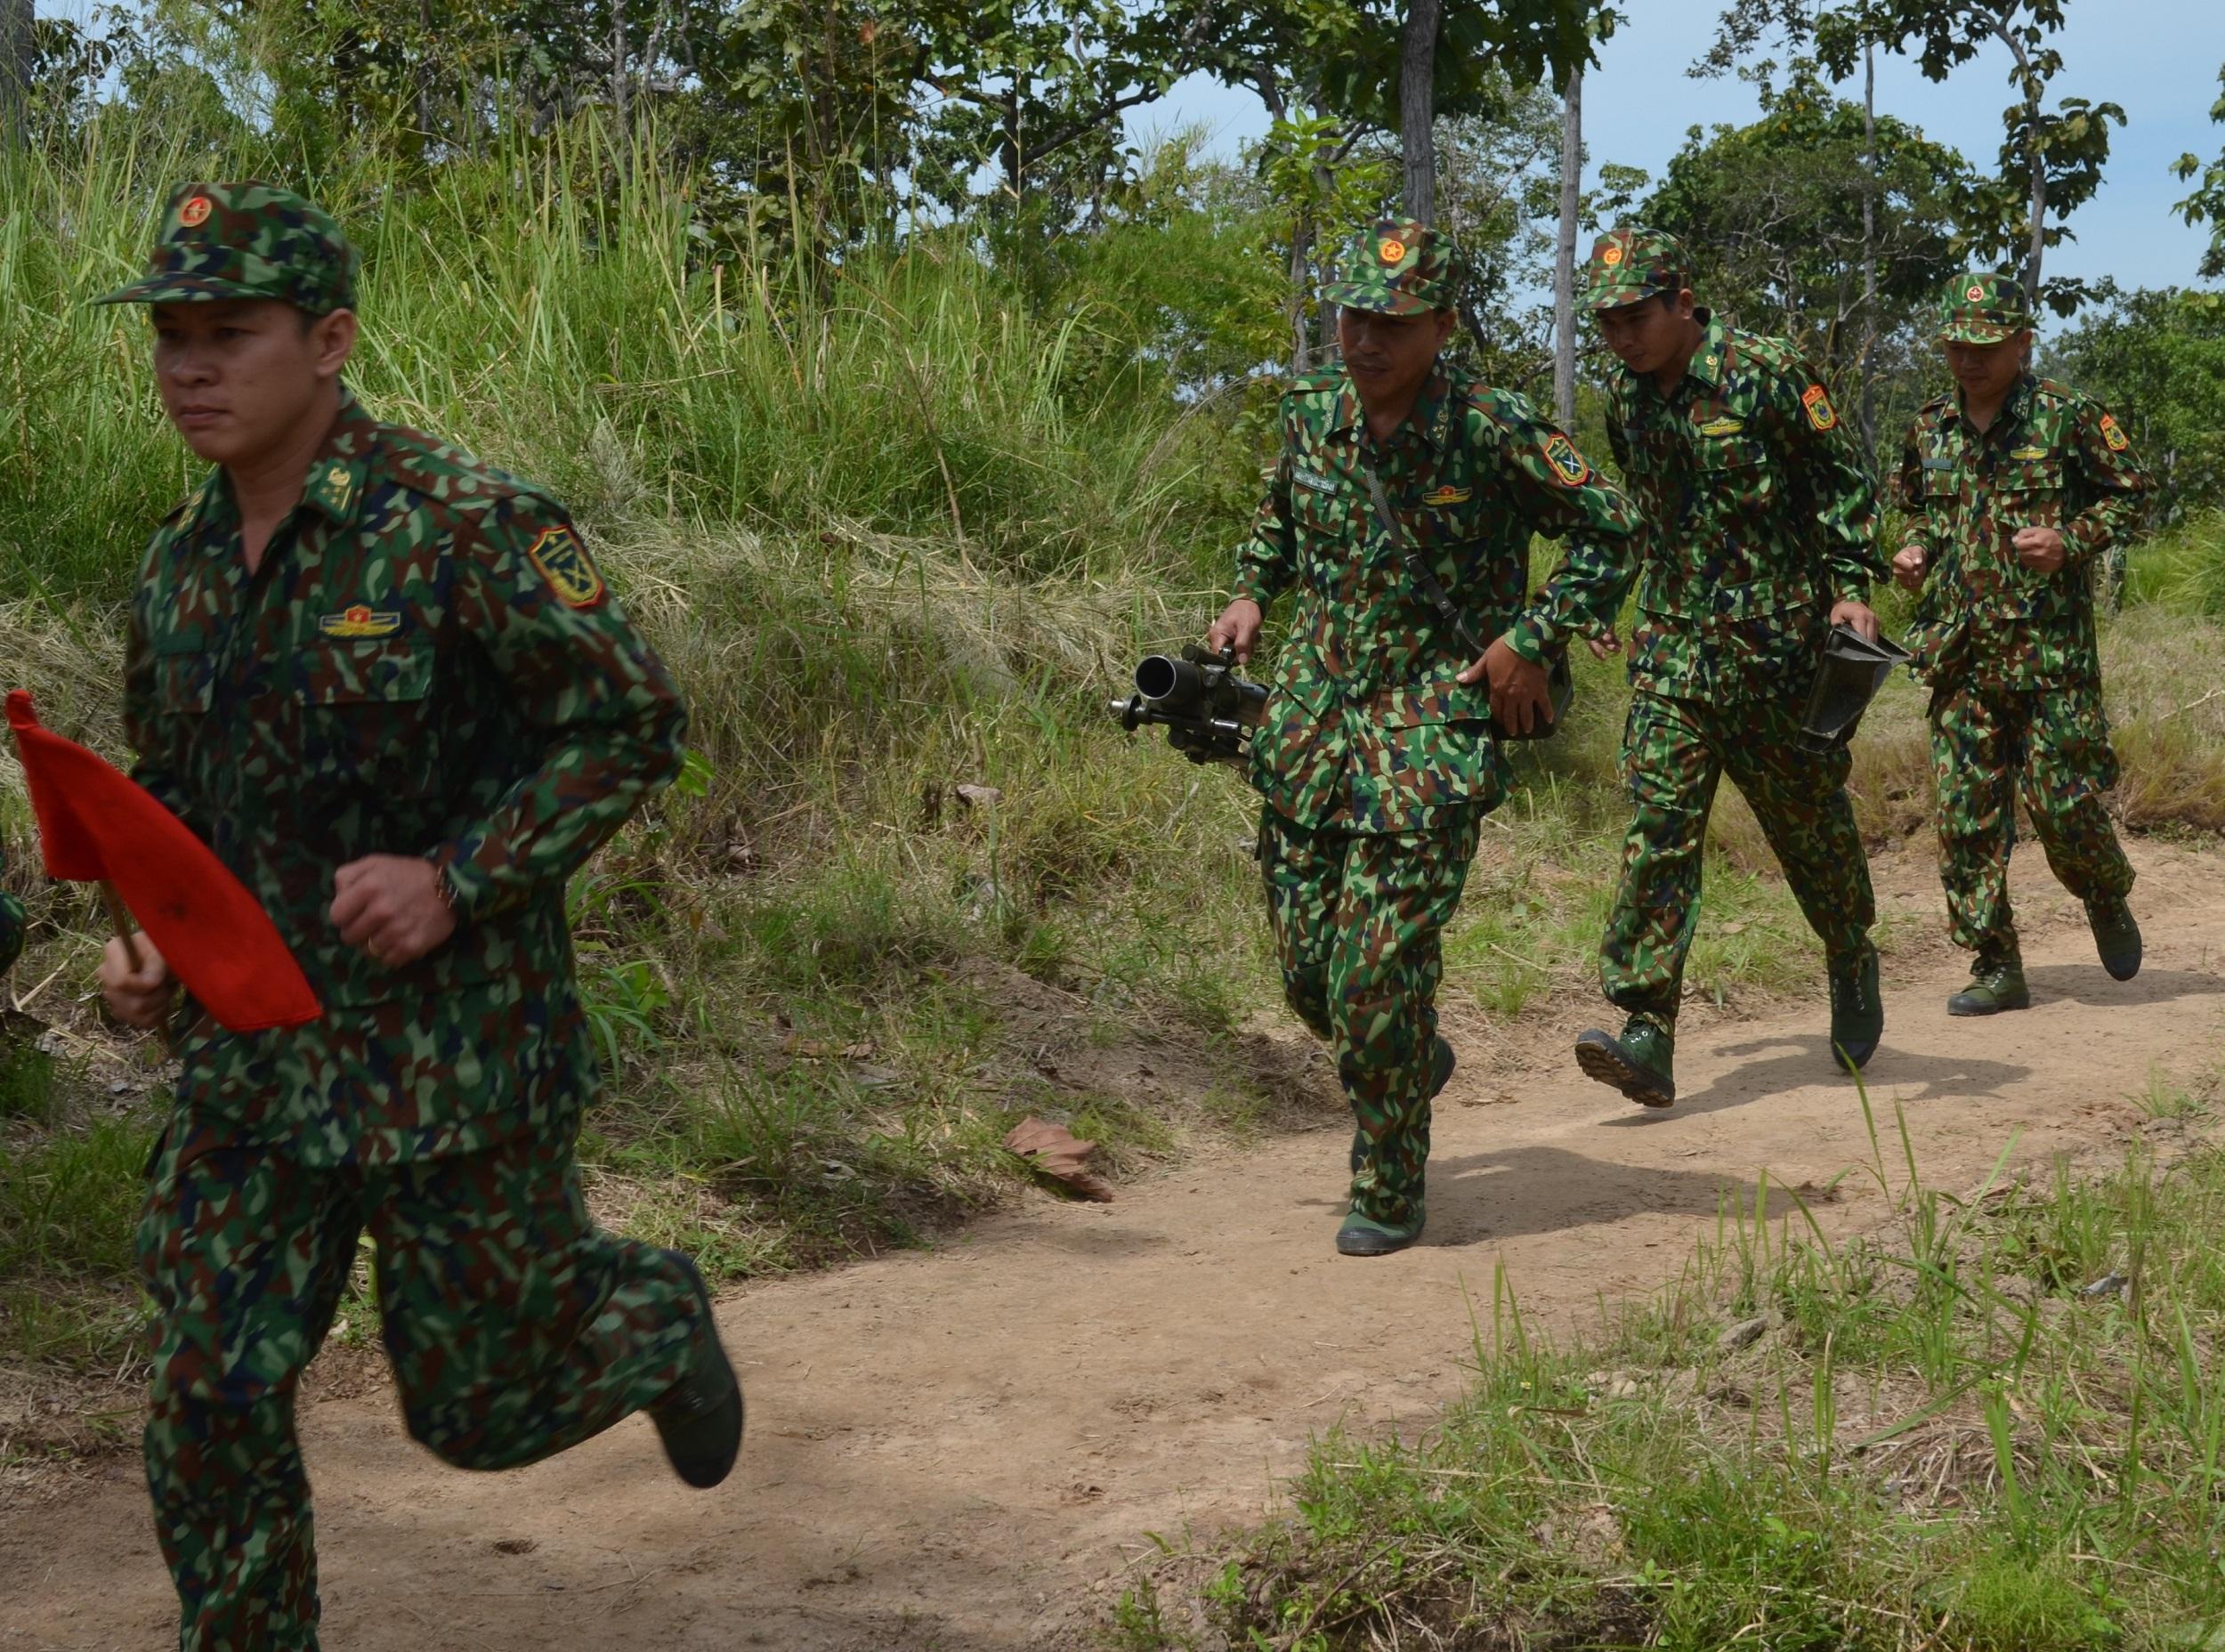 Bộ đội Biên phòng tỉnh Đắk Lắk kiểm tra bắn đạn cối 60 mm